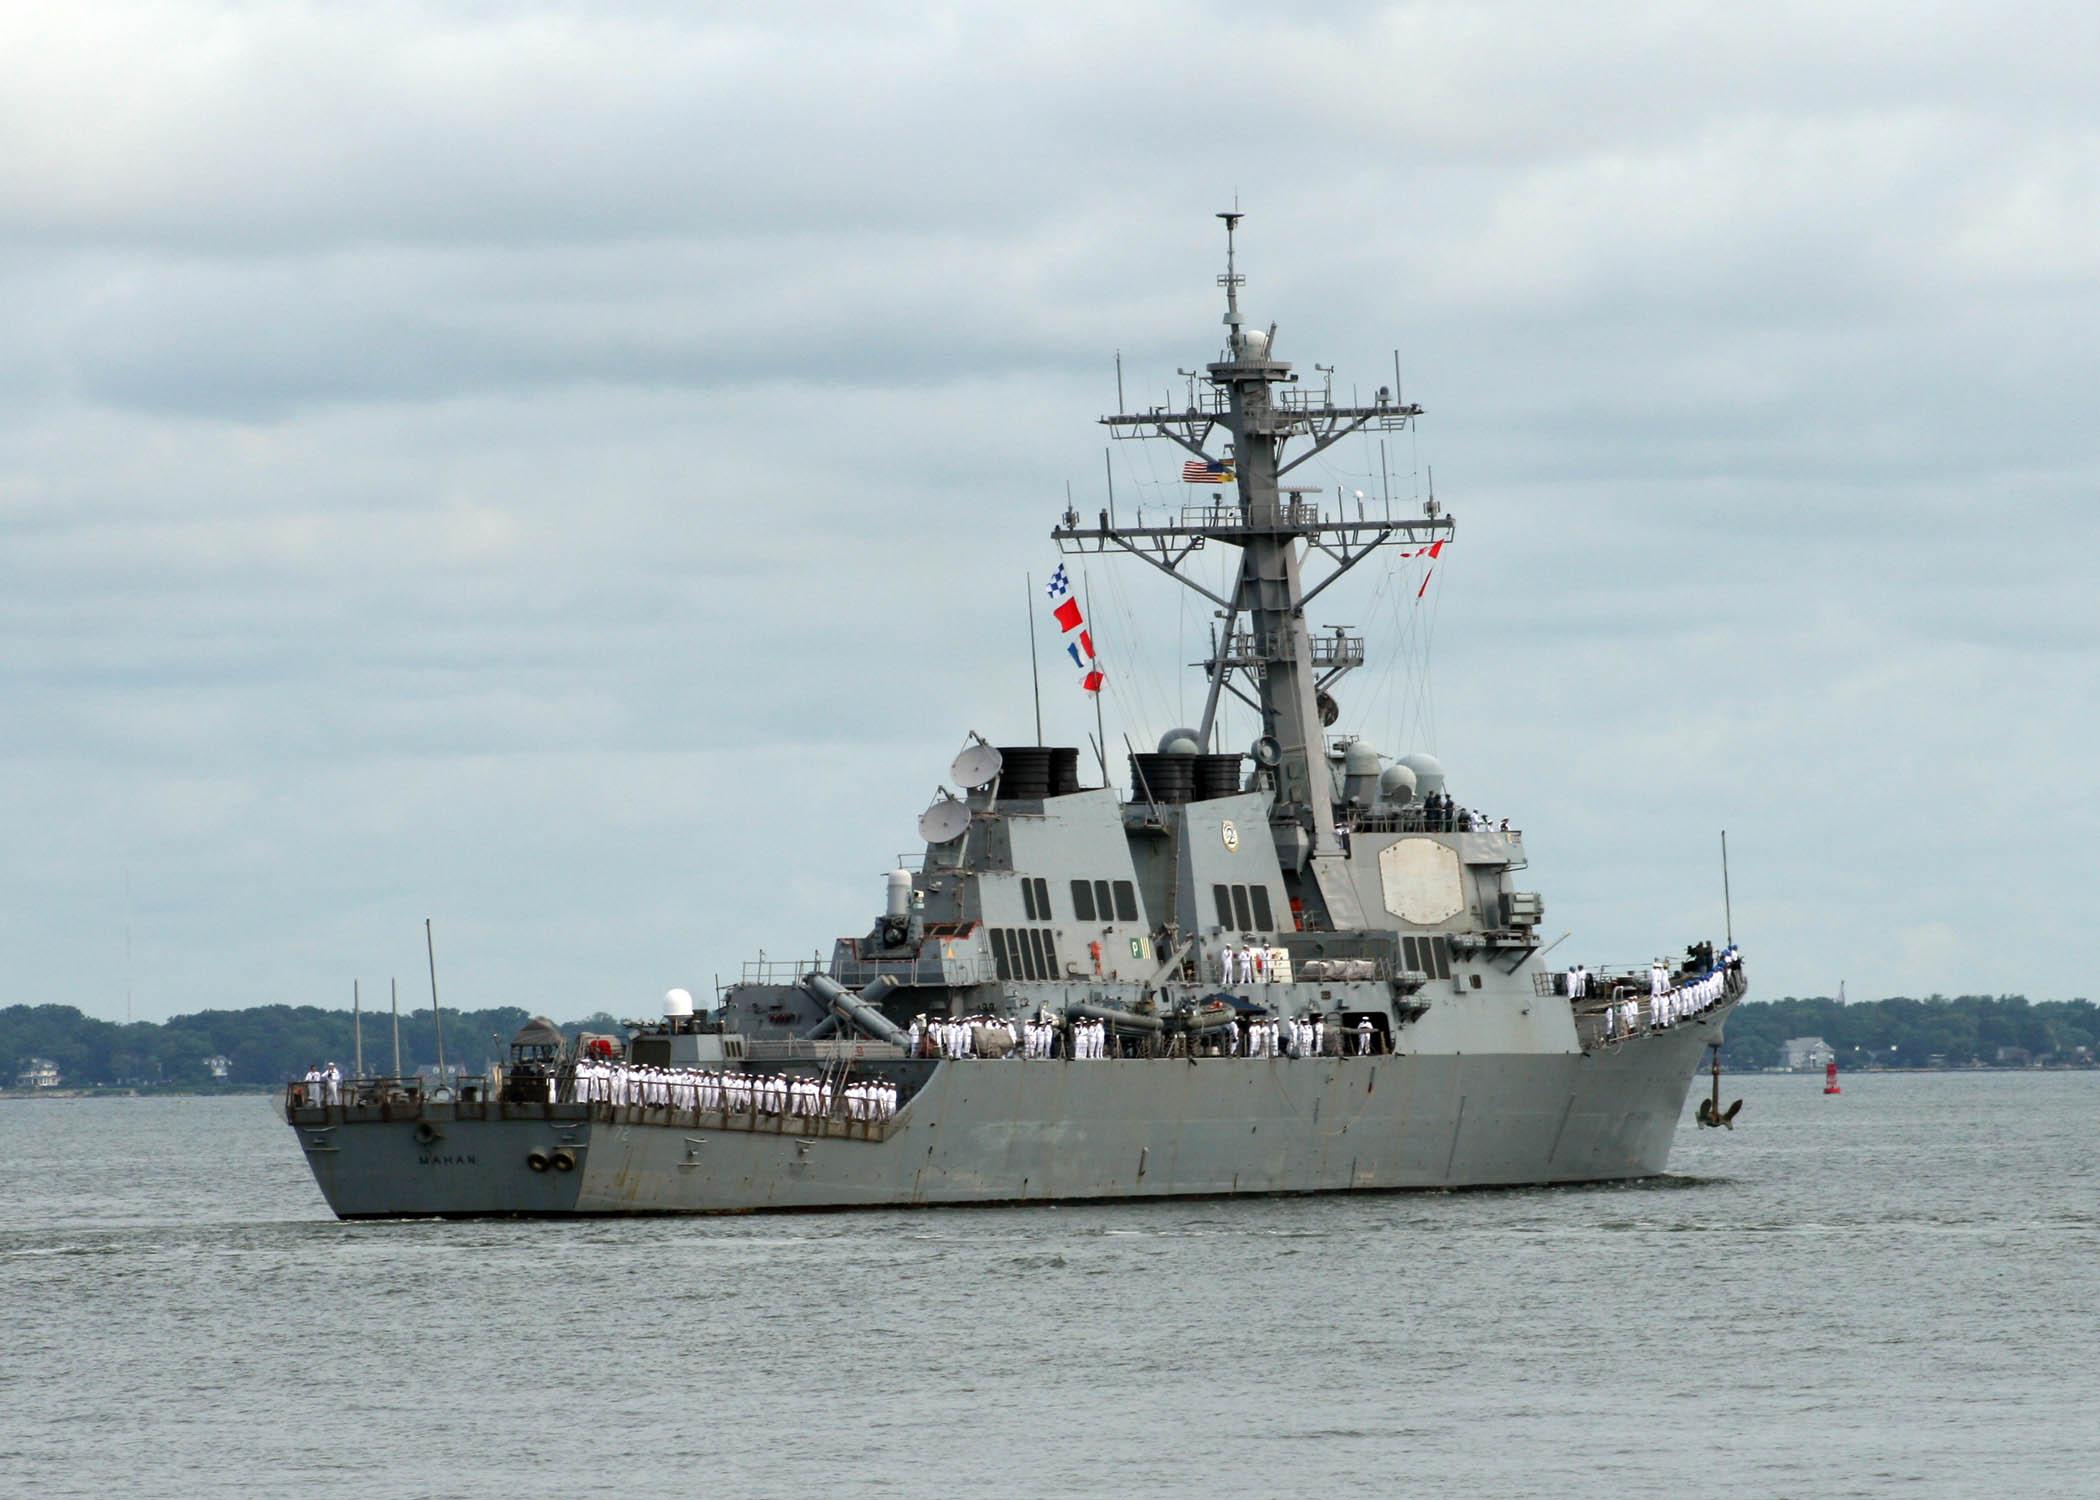 USS MAHAN DDG-72 Auslaufen Norfolk am 11.08.2014 Bild: U.S. Navy